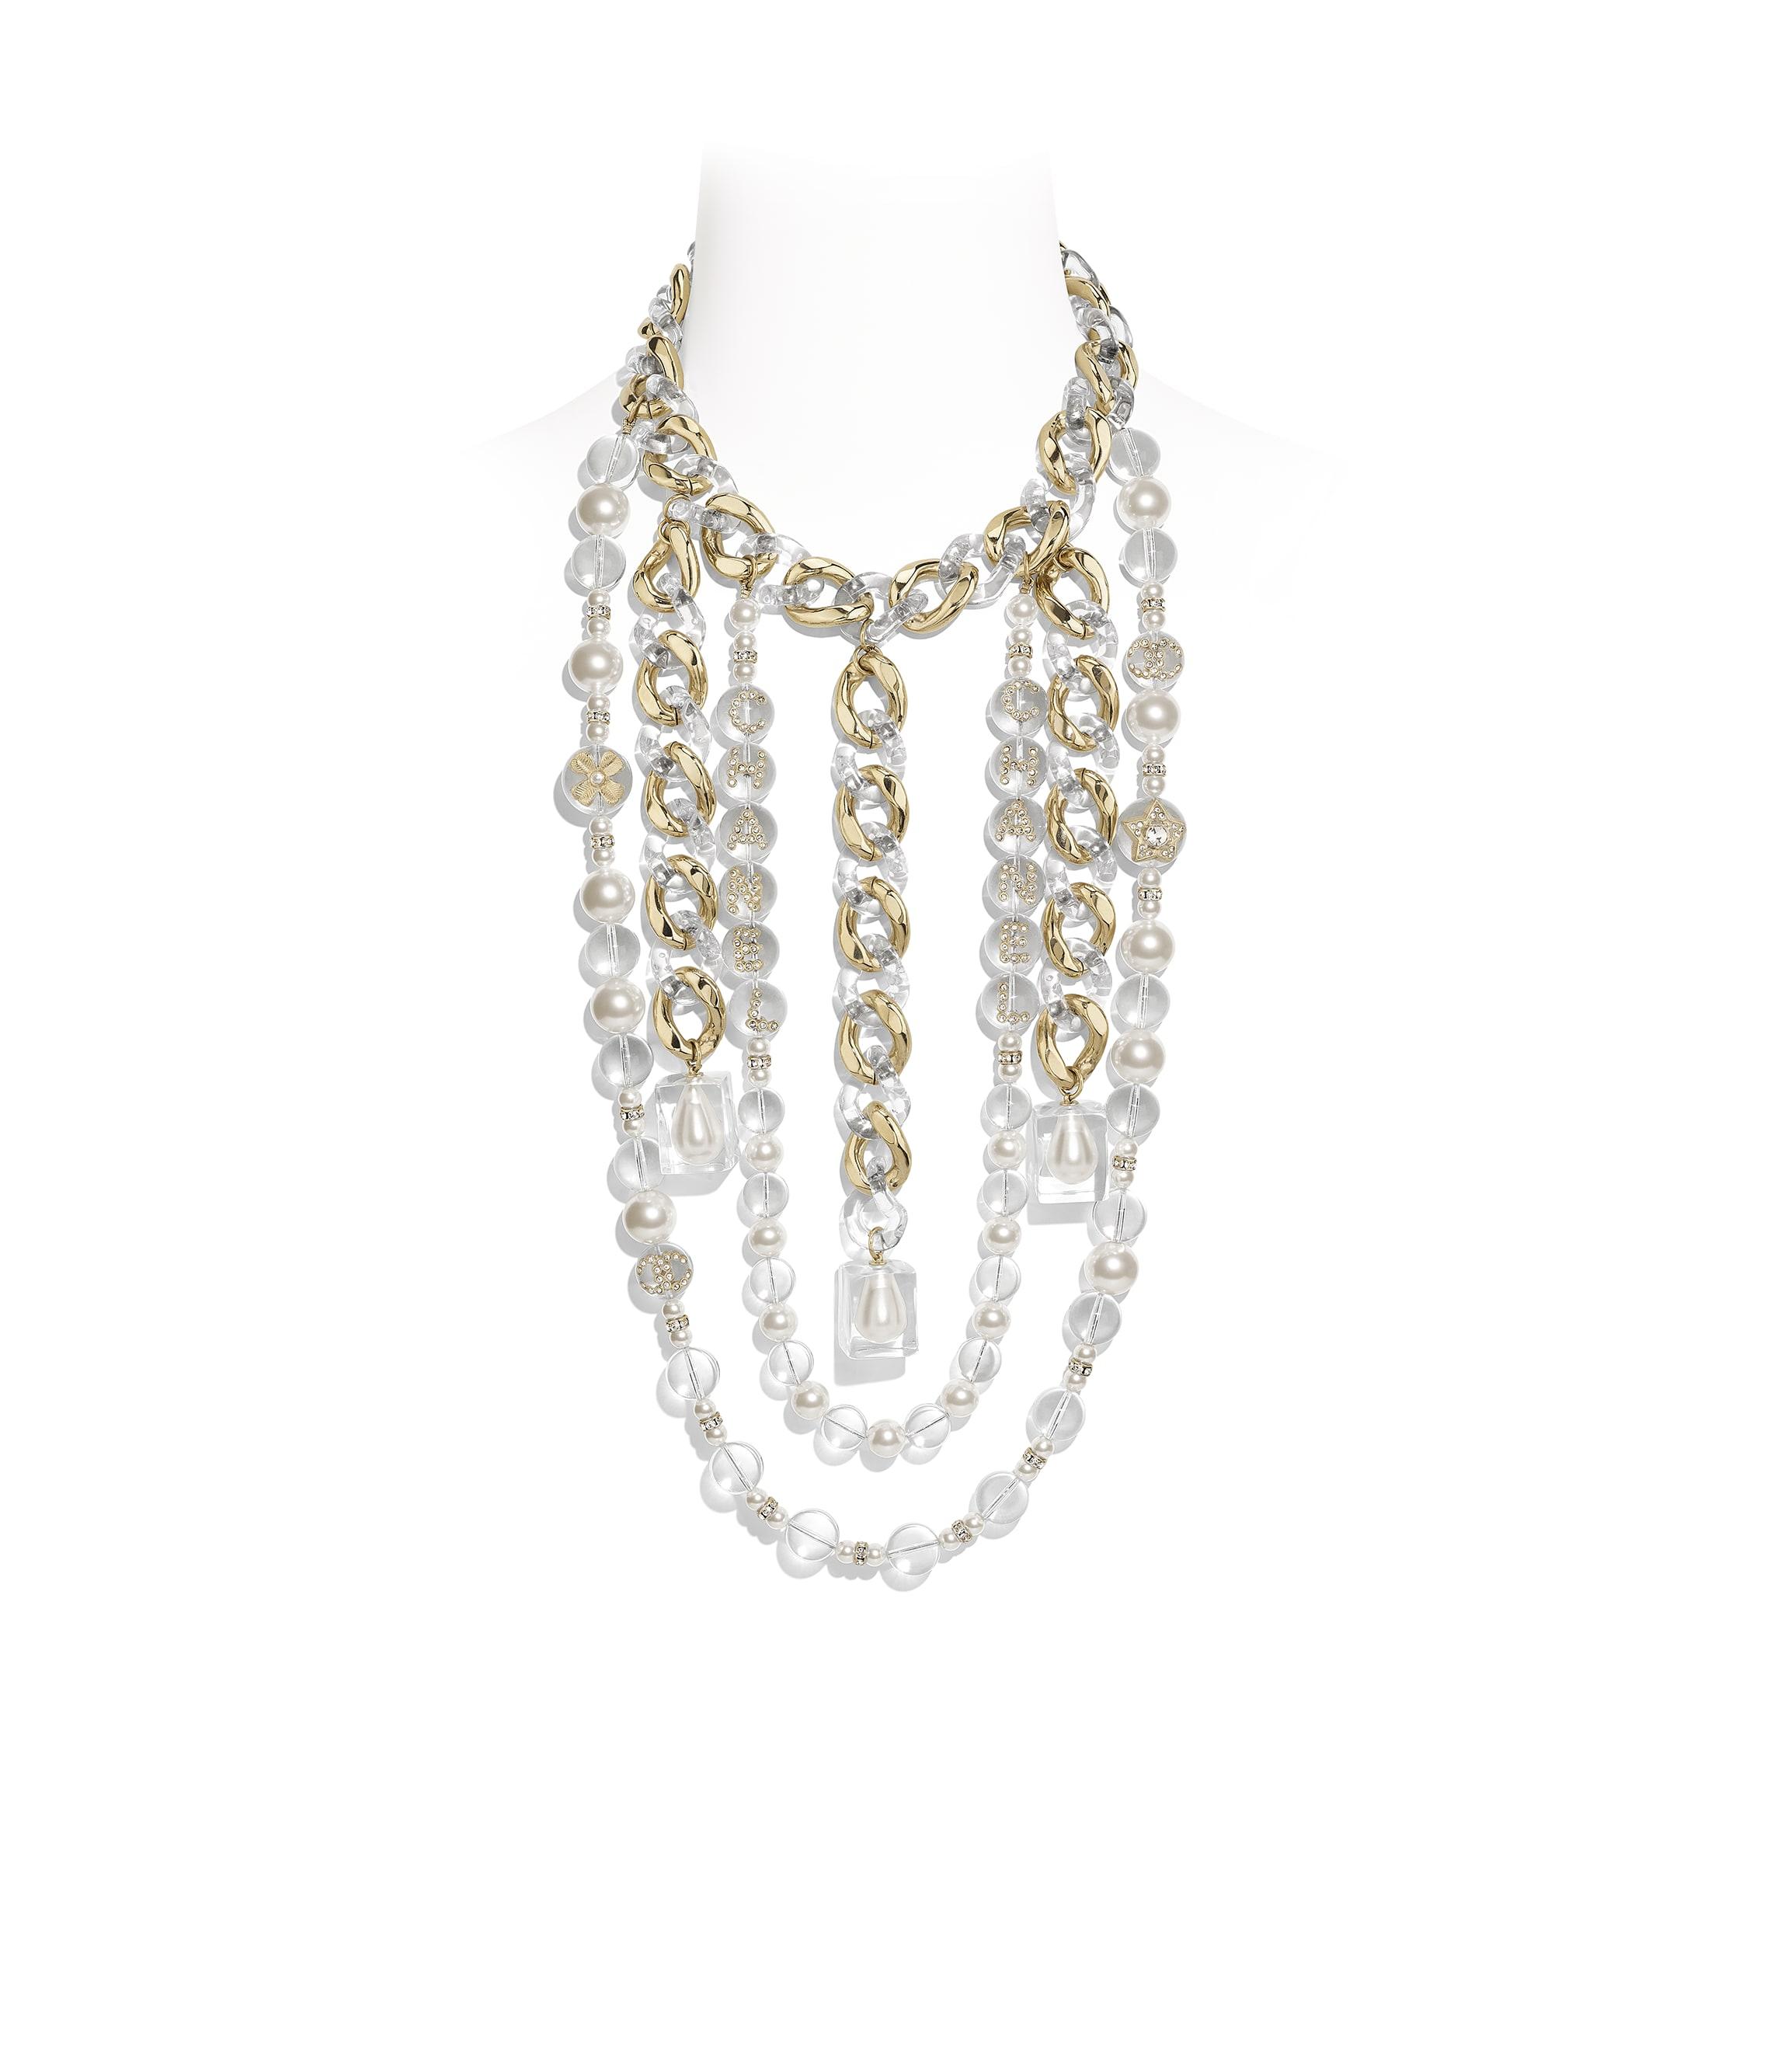 faux bijoux chanel